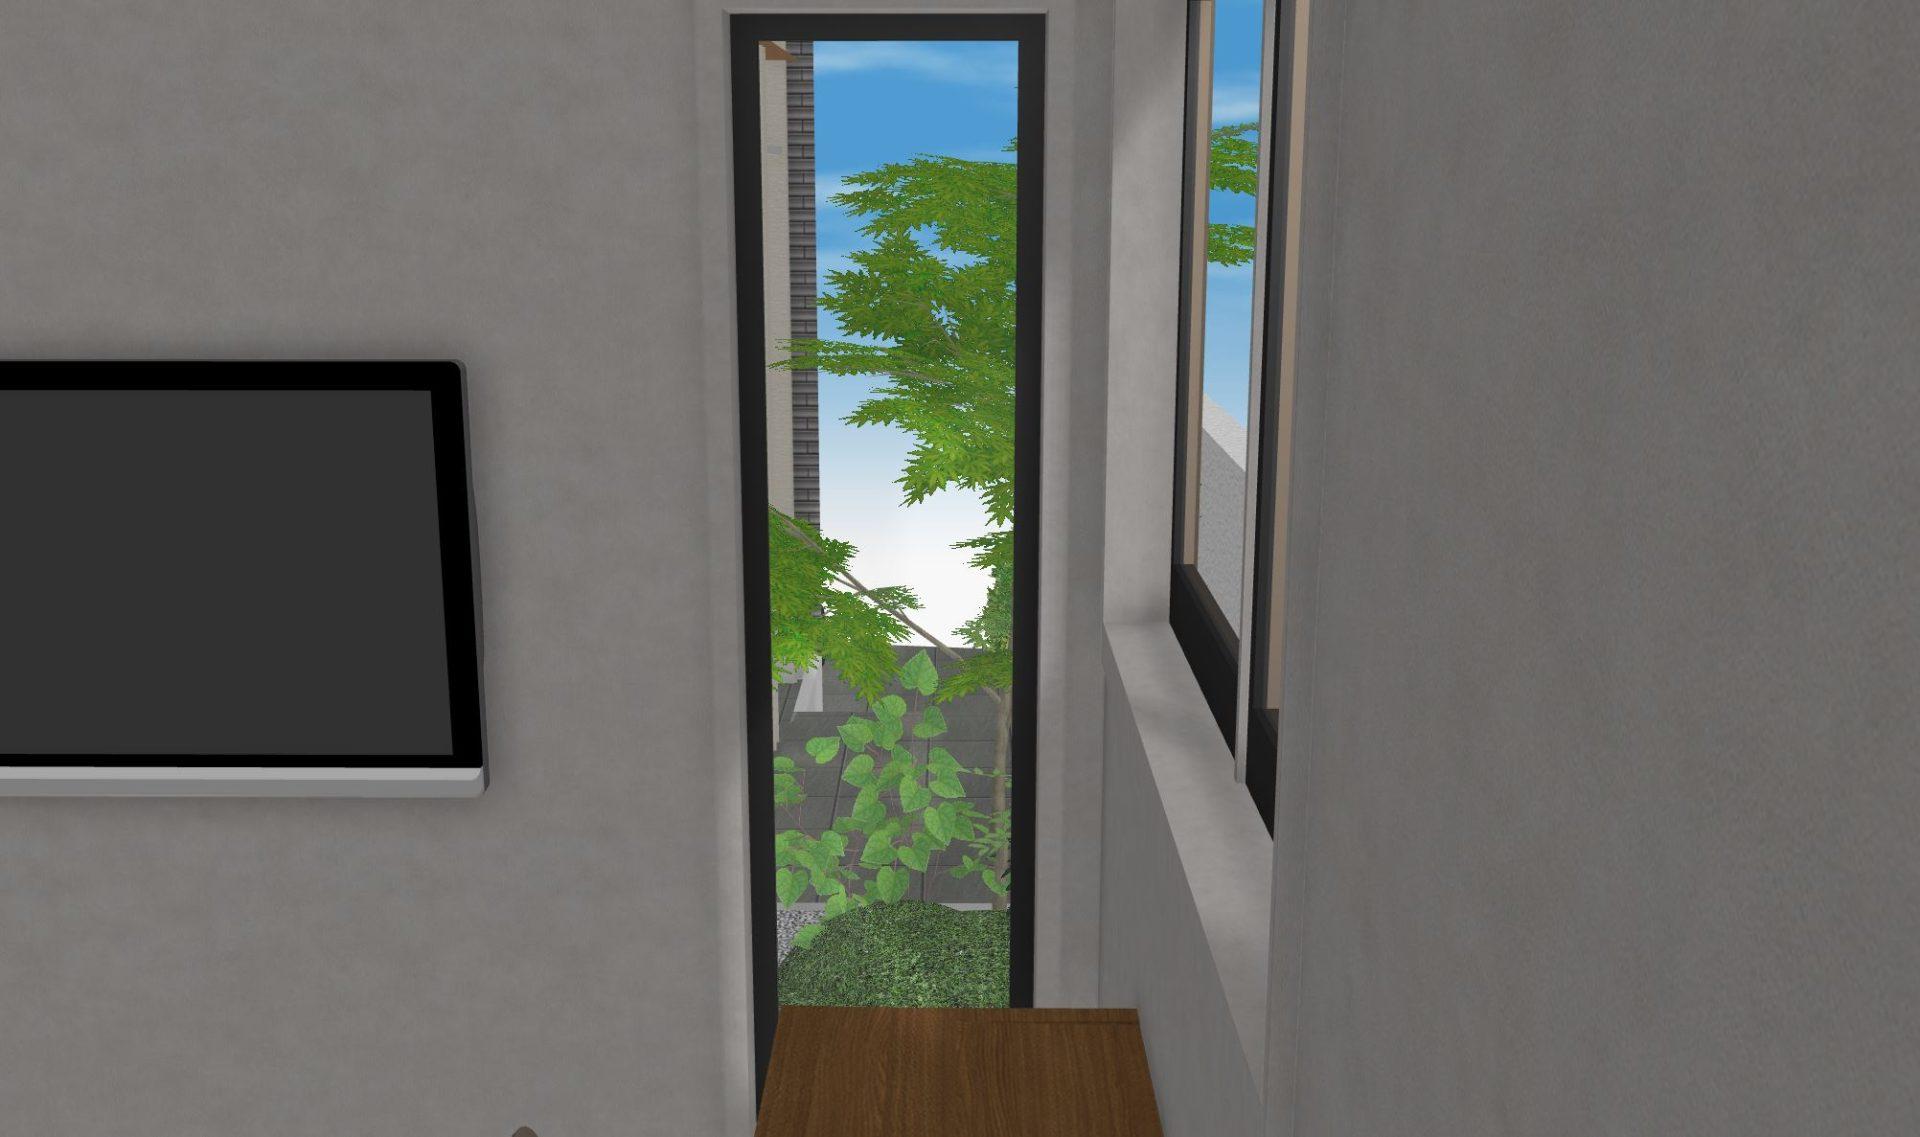 寝室から坪庭を眺めることができる